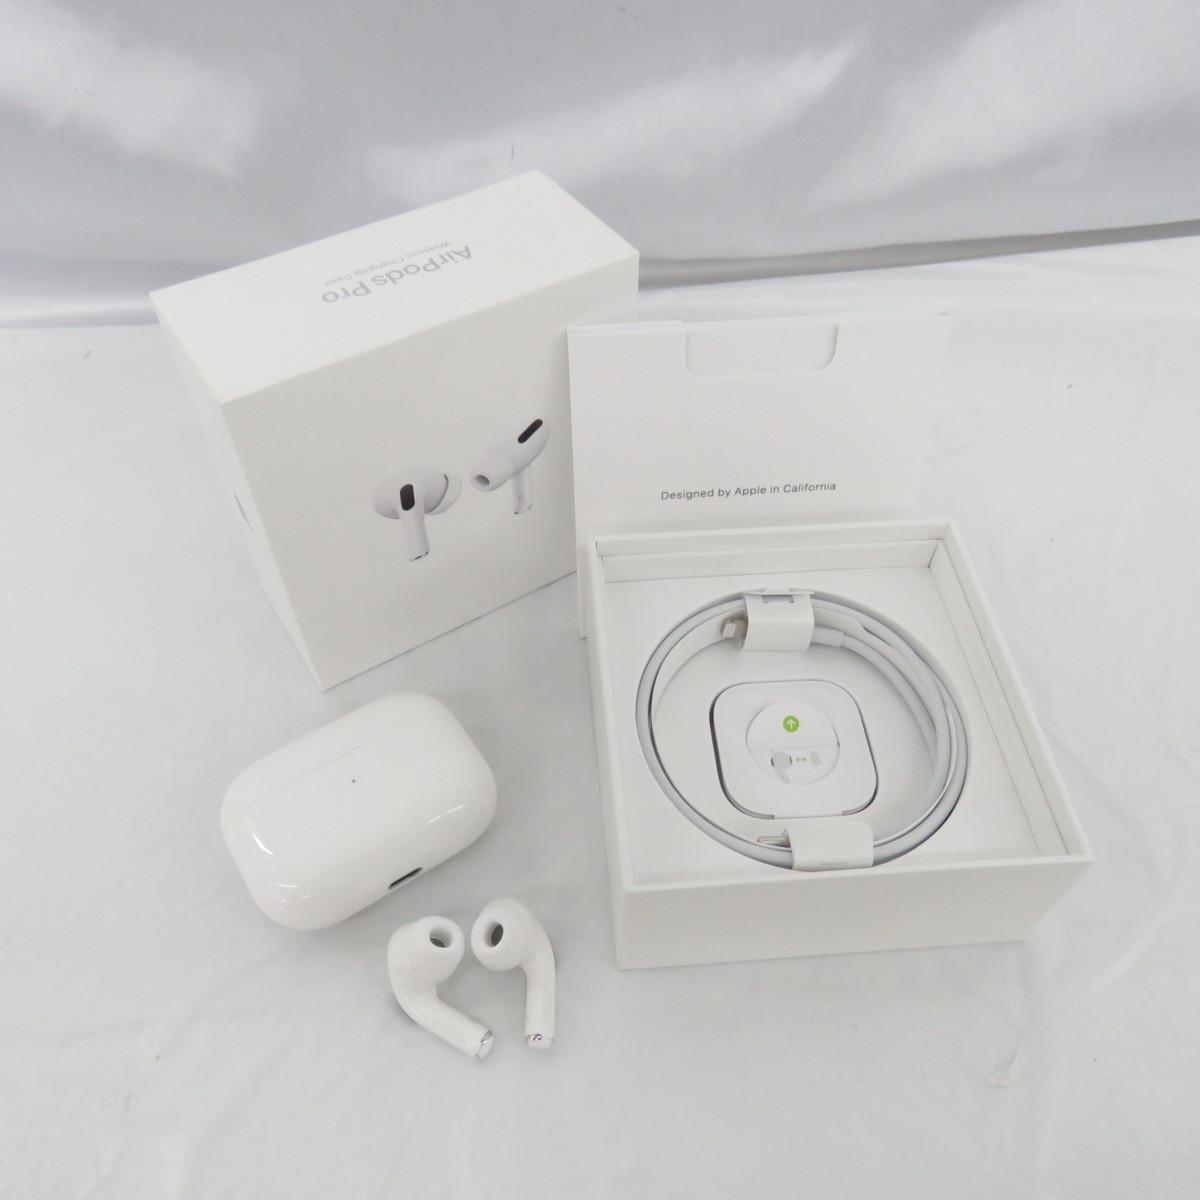 【中古品】Apple アップル ワイヤレスイヤホン エアーポッズプロ AirPods Pro with Wireless Charging Case MWP22J/A 904130813